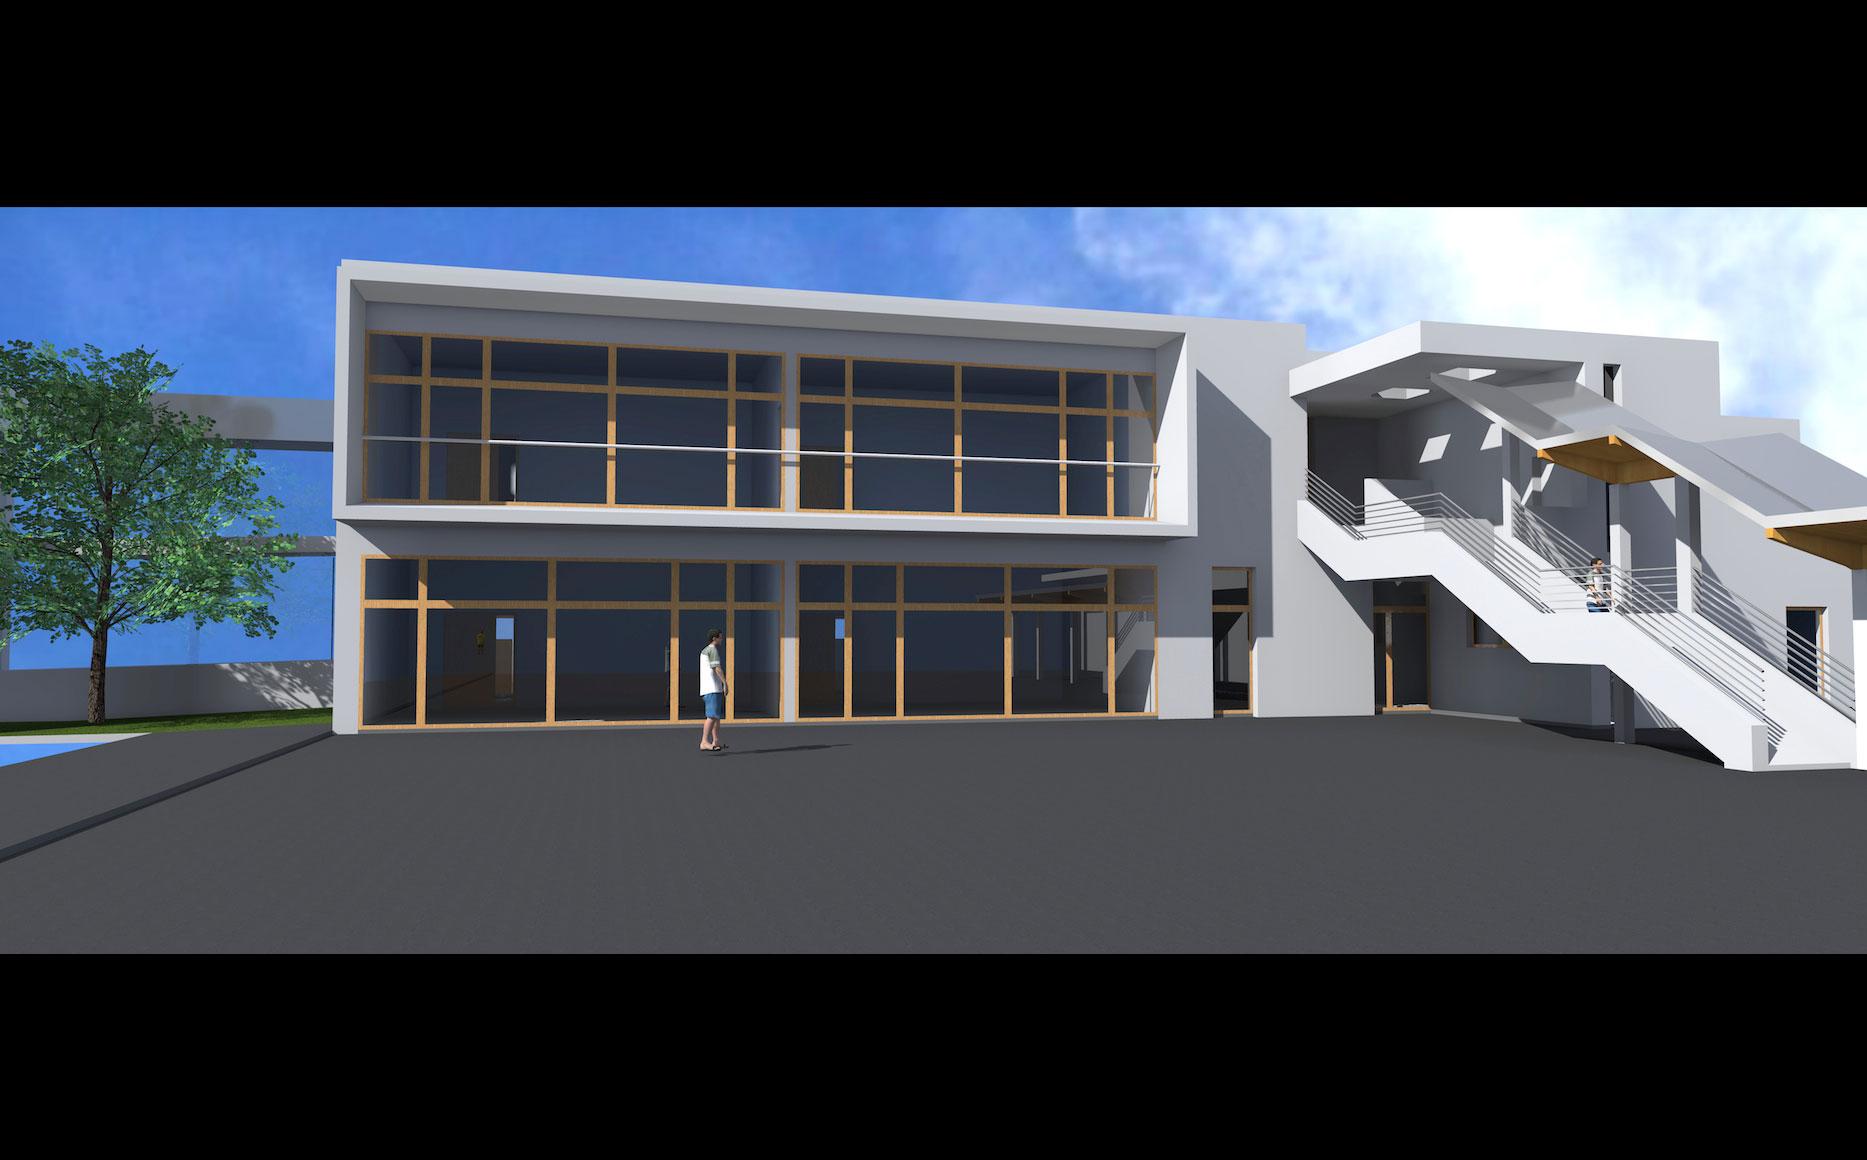 groupe scolaire simone signoret atp architecte tornier philippe cabinet d 39 architecte lyon. Black Bedroom Furniture Sets. Home Design Ideas